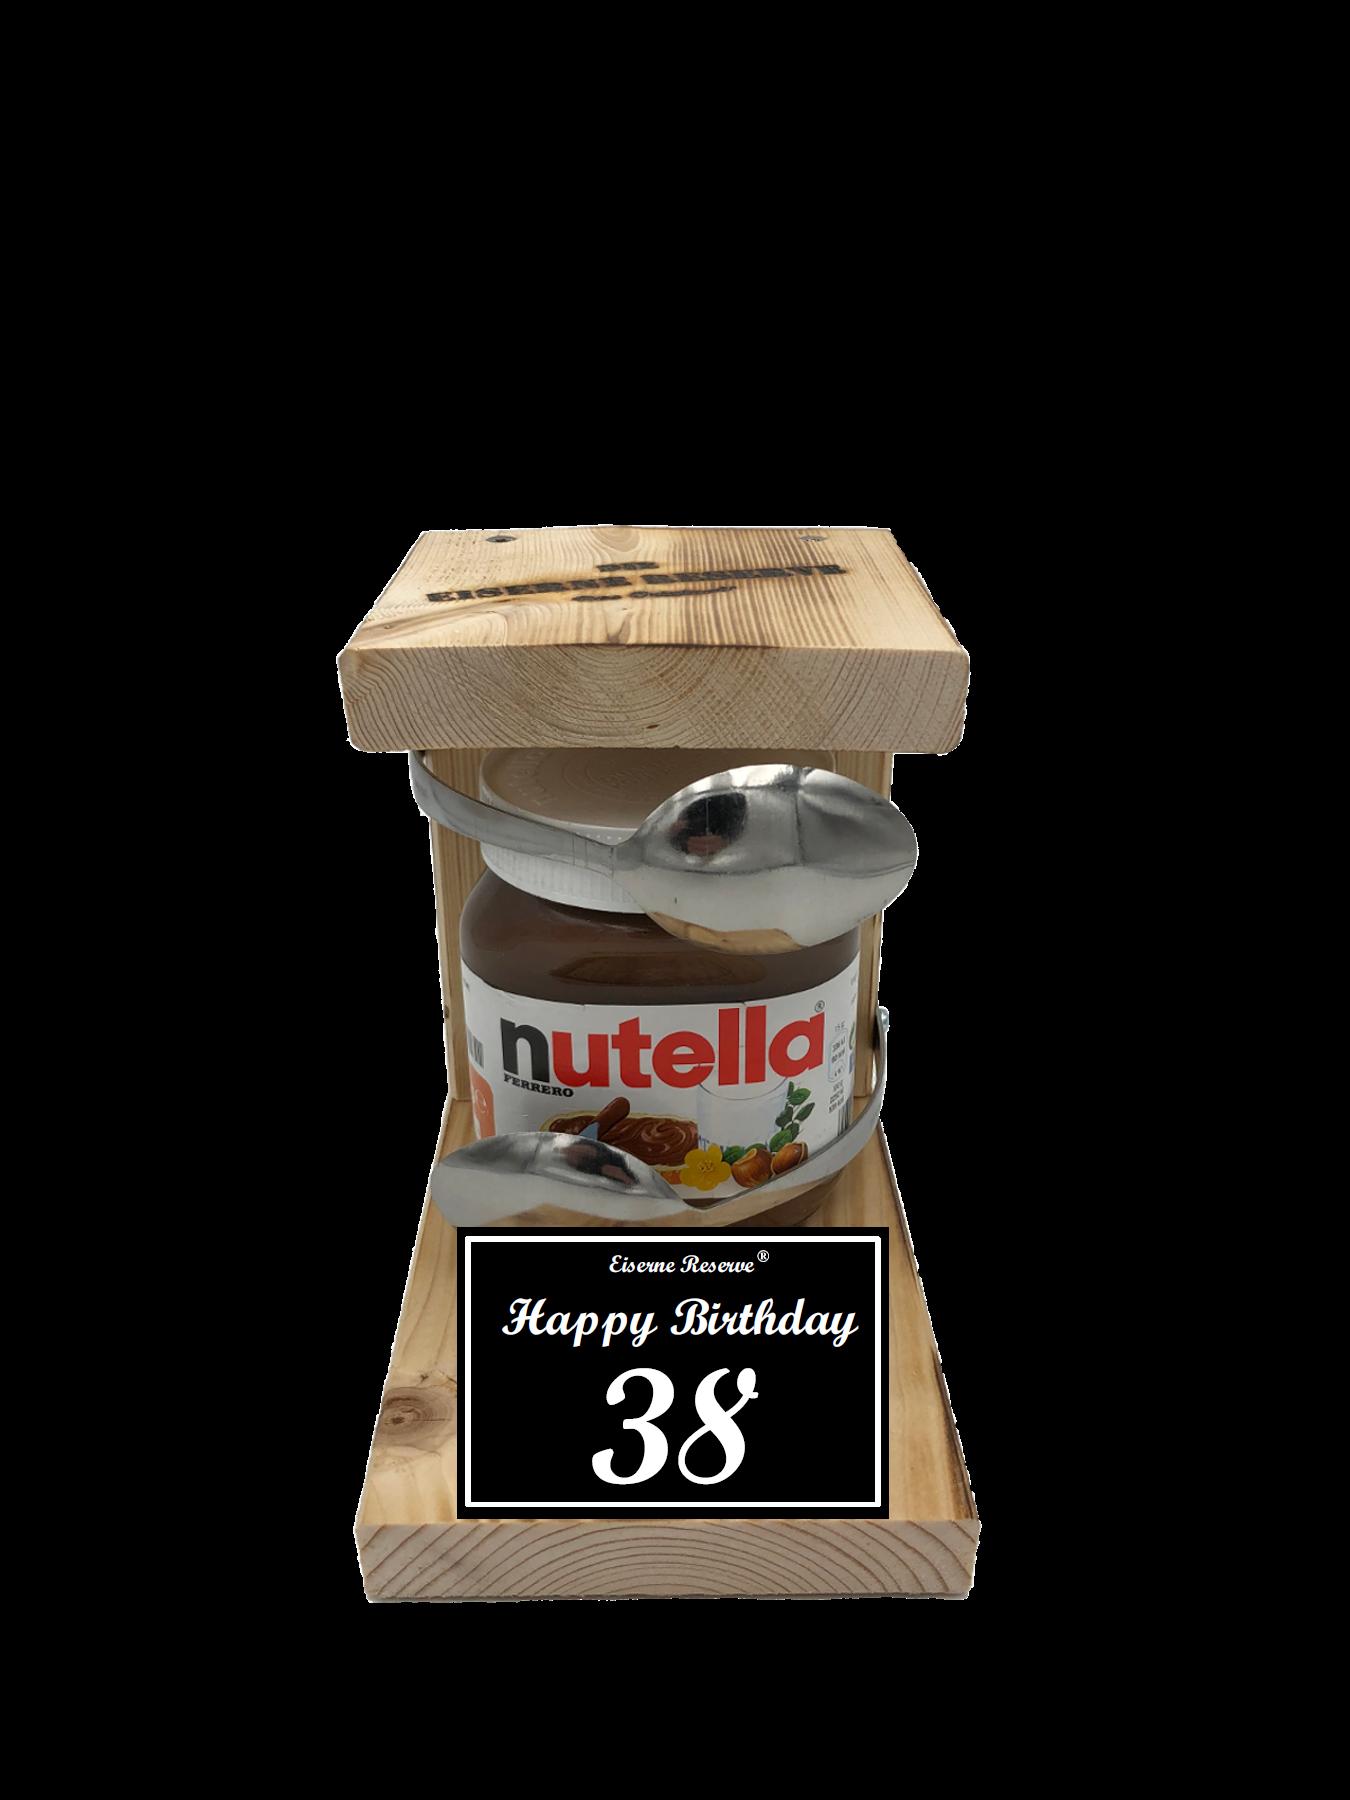 38 Happy Birthday Löffel Nutella Geschenk - Die Nutella Geschenkidee